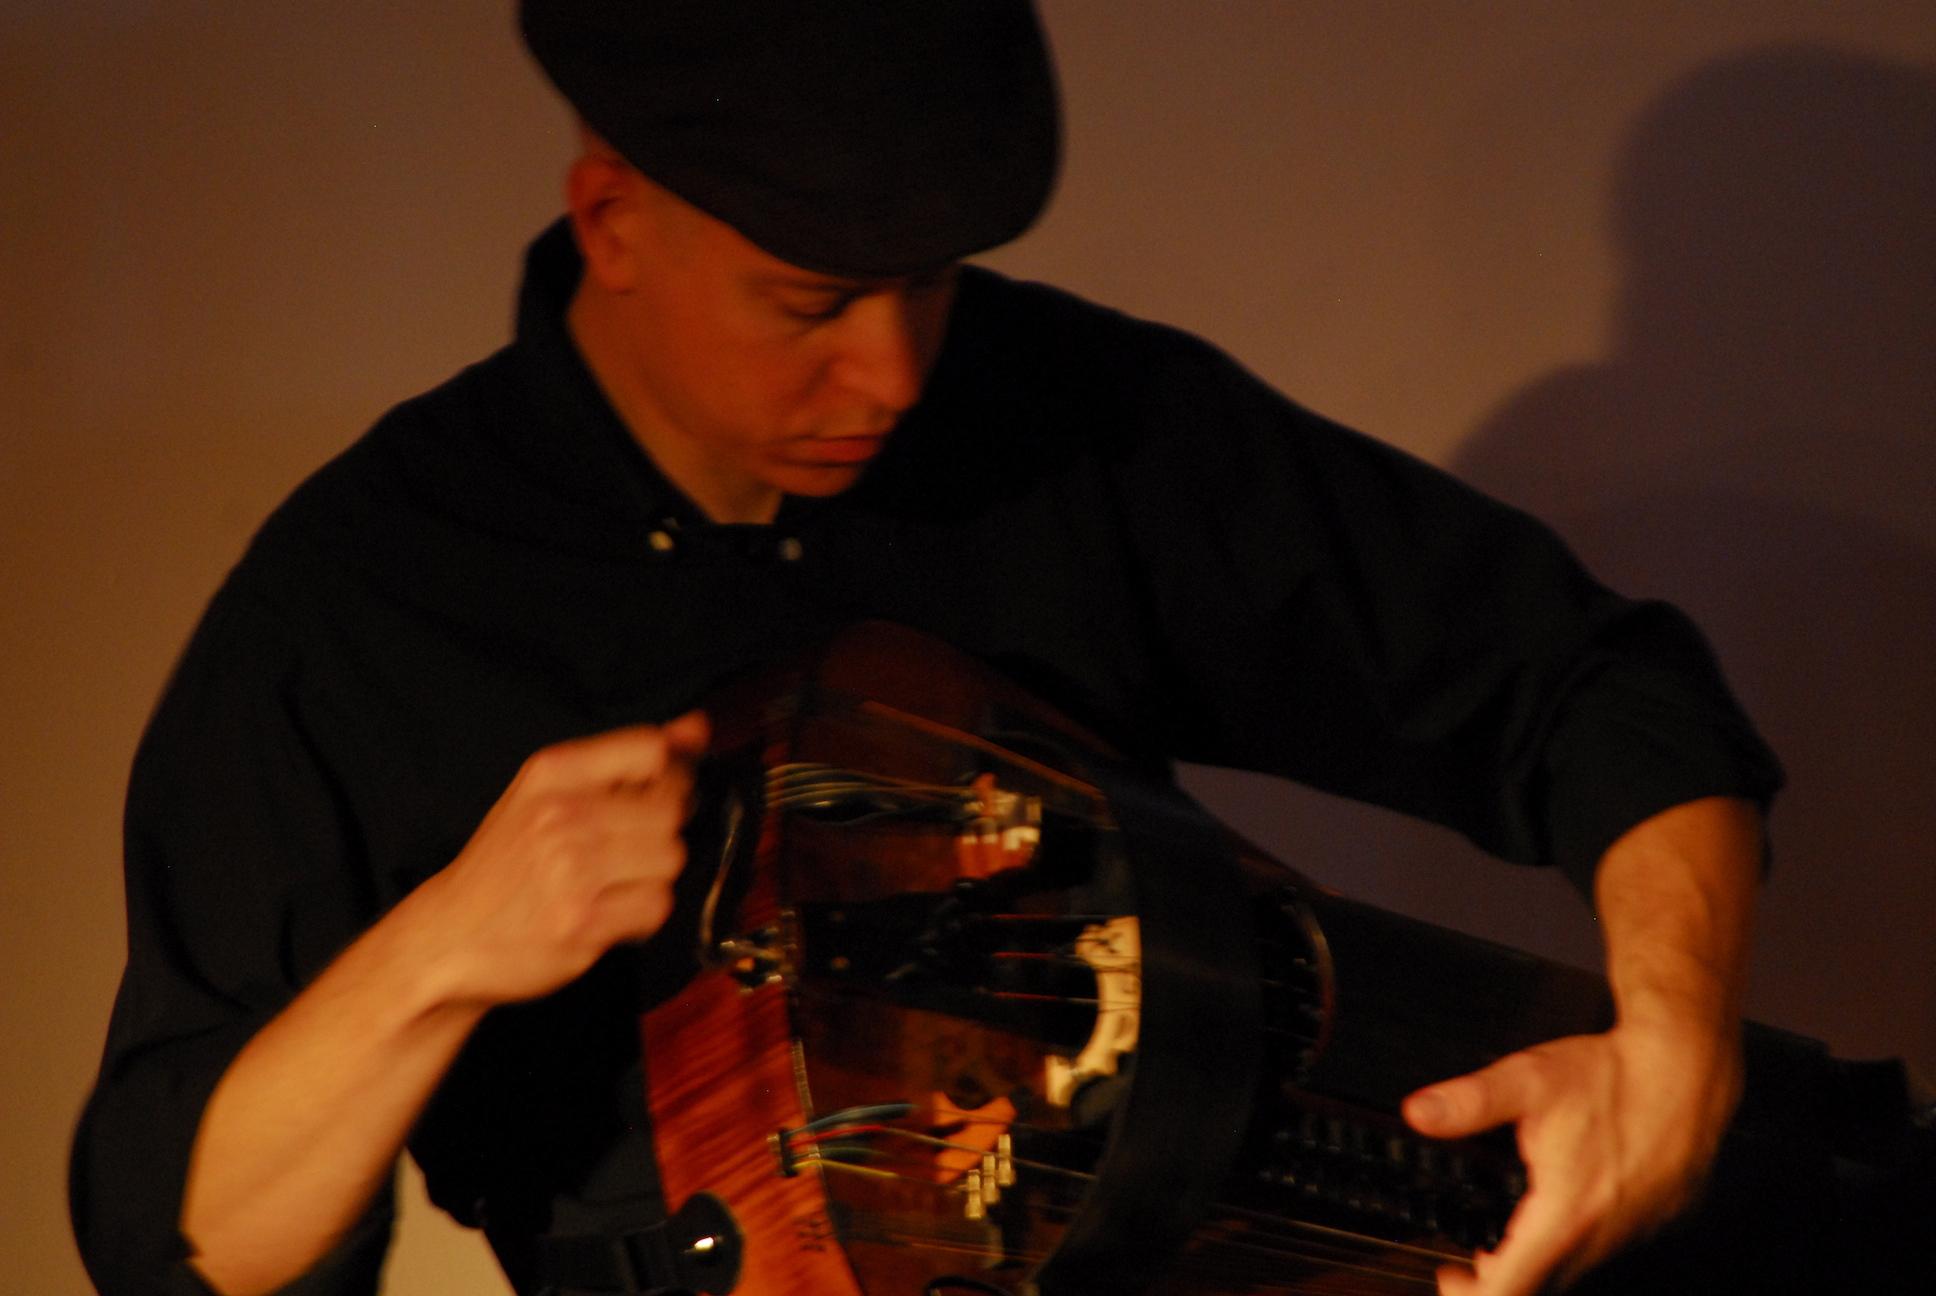 Ben Grossman playing a hurry gurdy